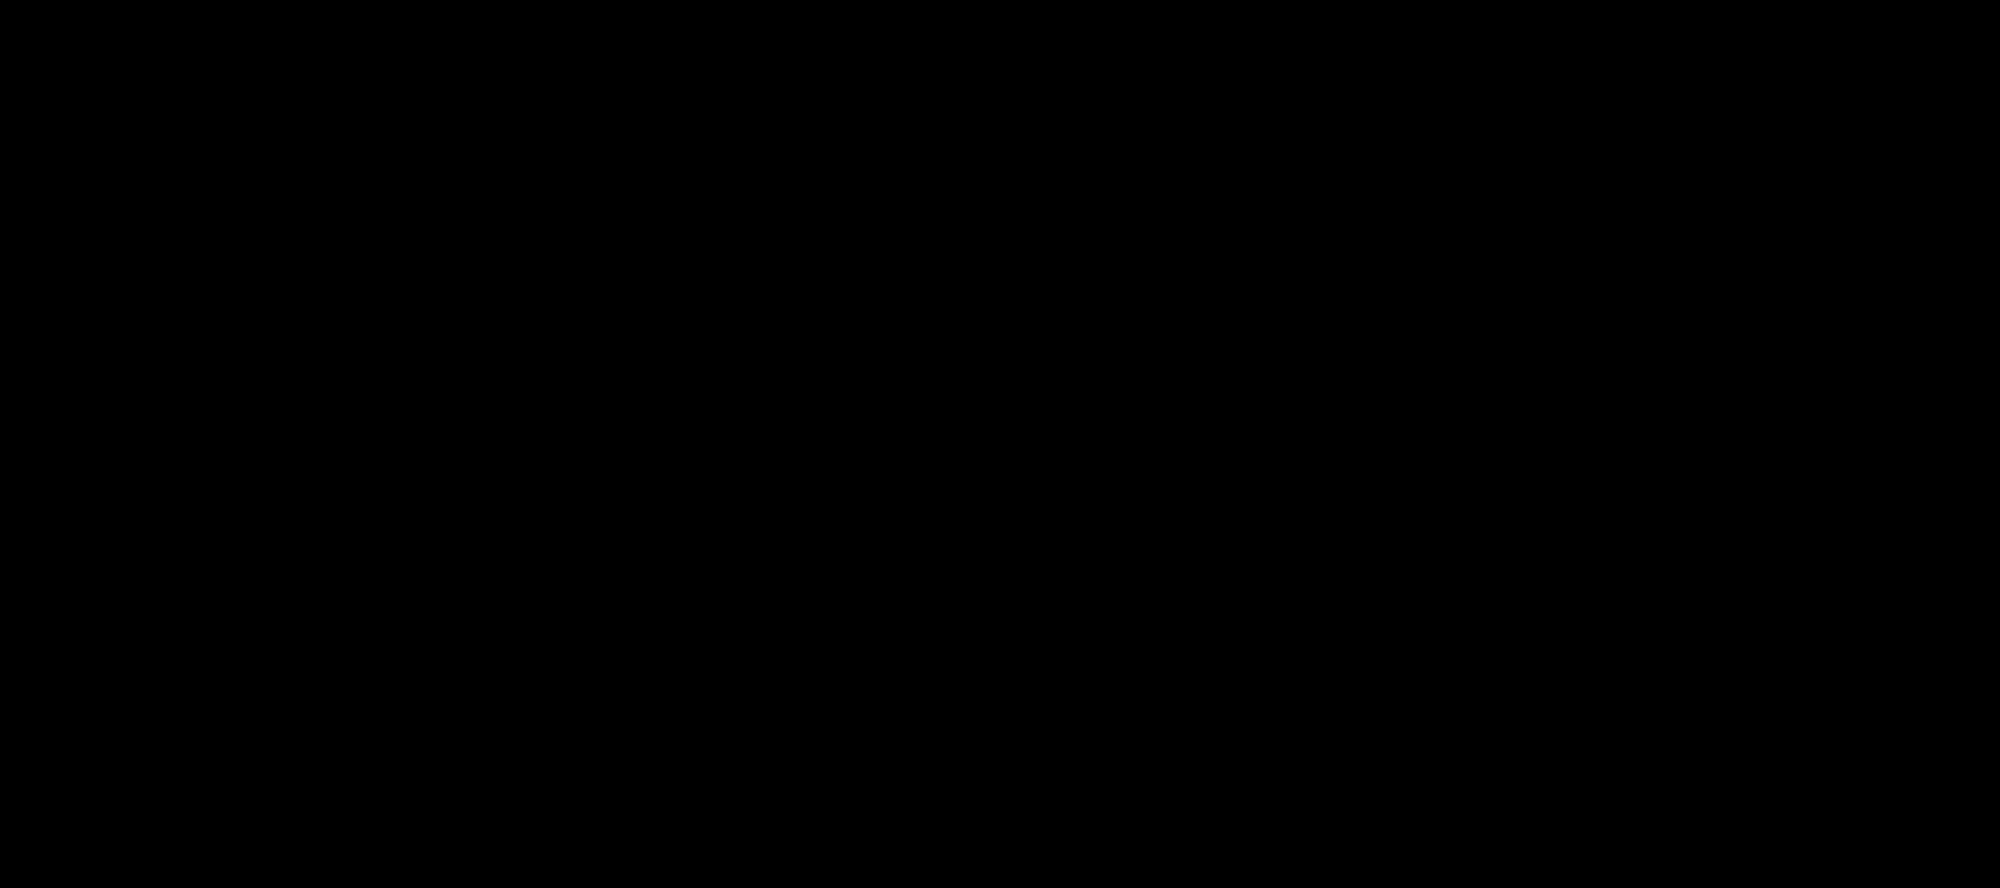 Open PlusPng.com  - Bat PNG